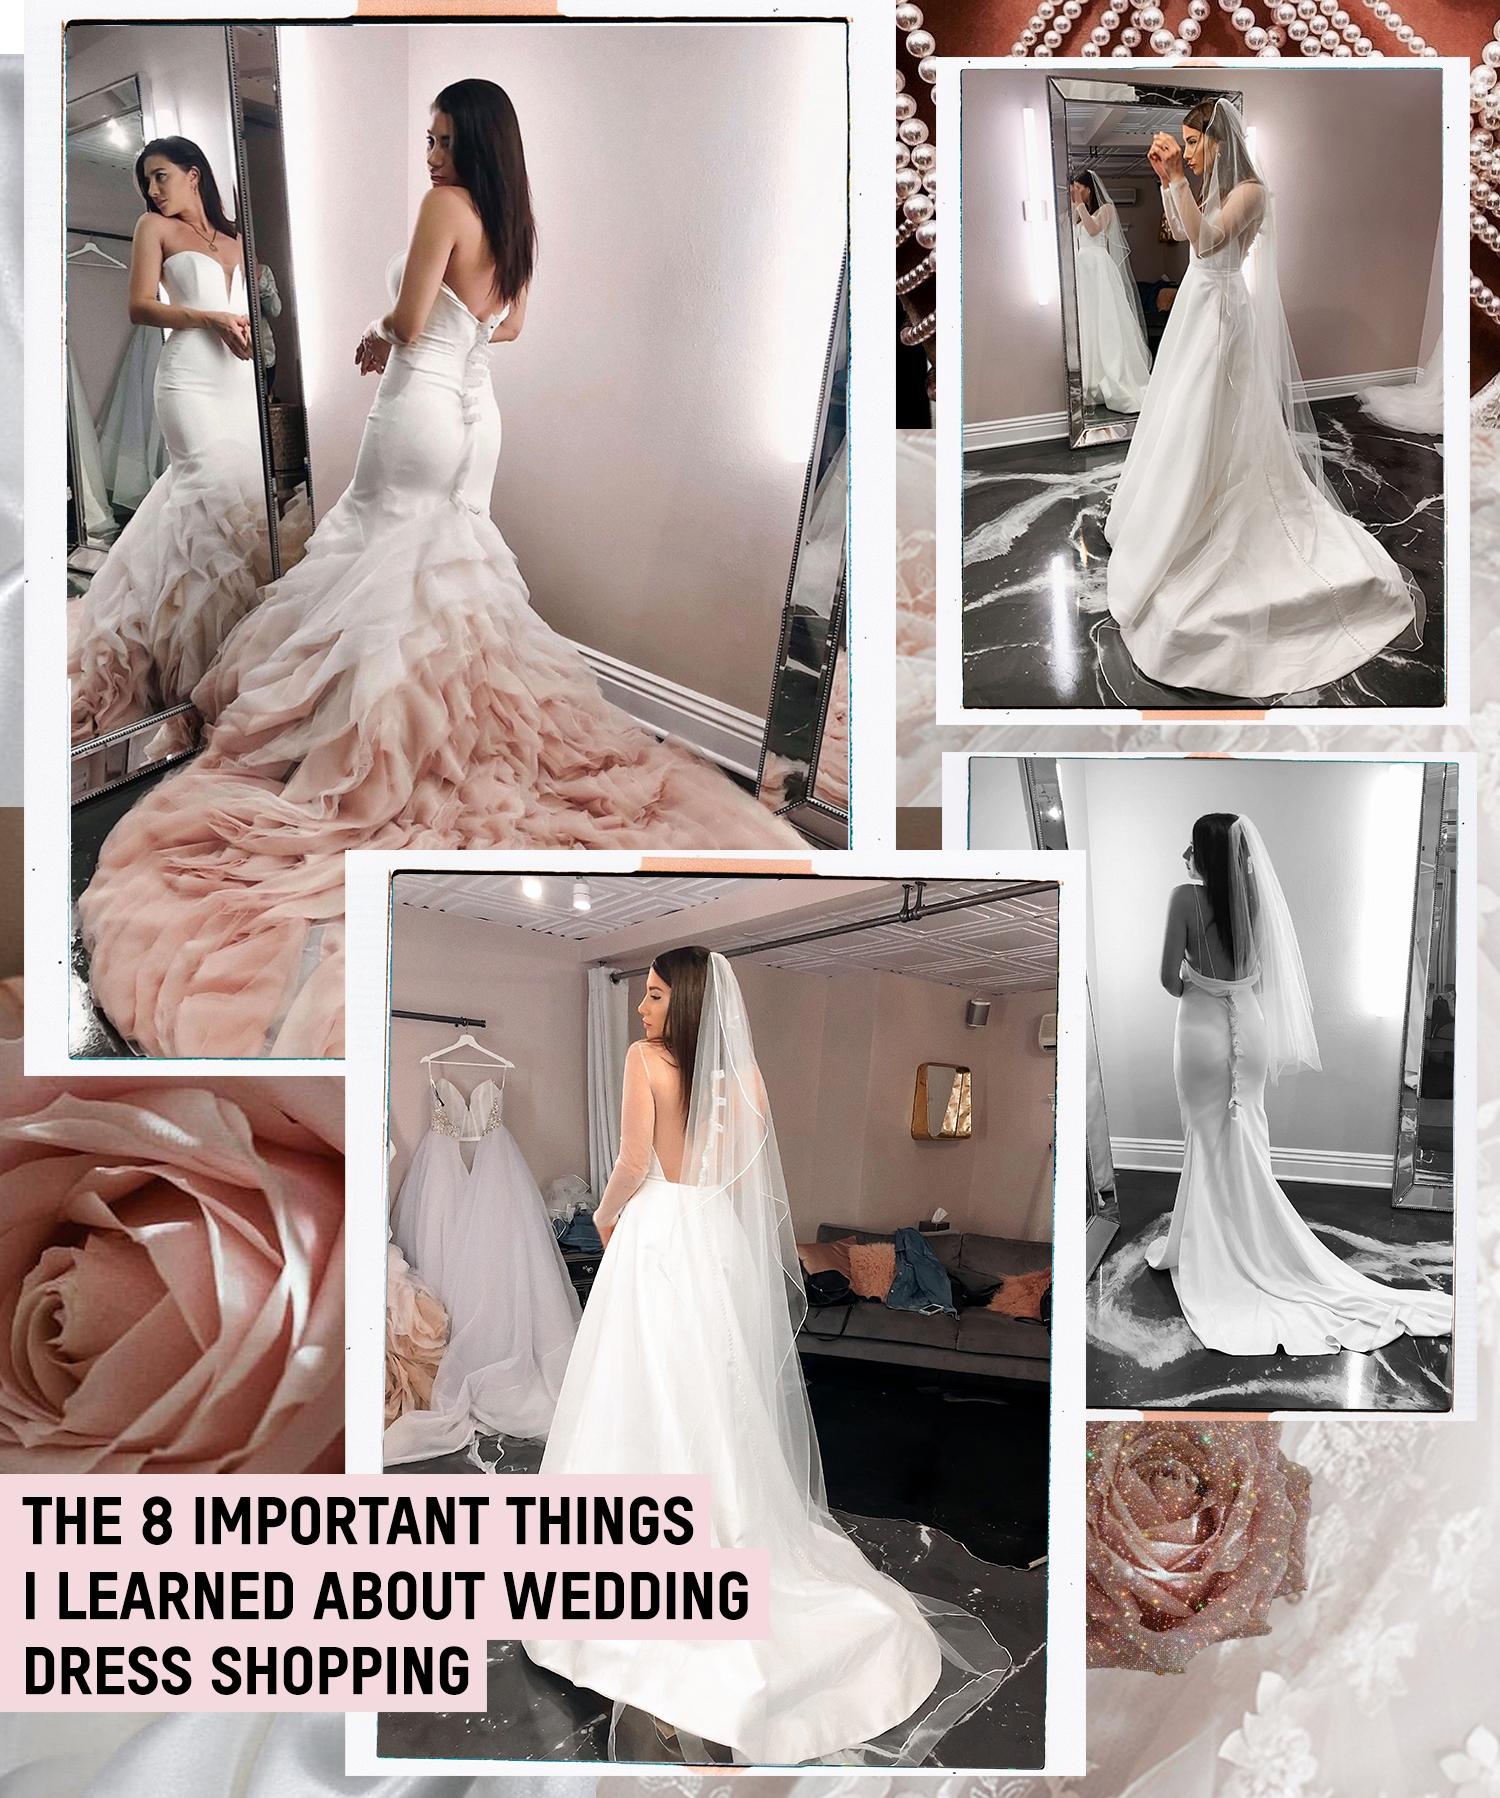 fashionlush, wedding dress shopping, tips, lessons